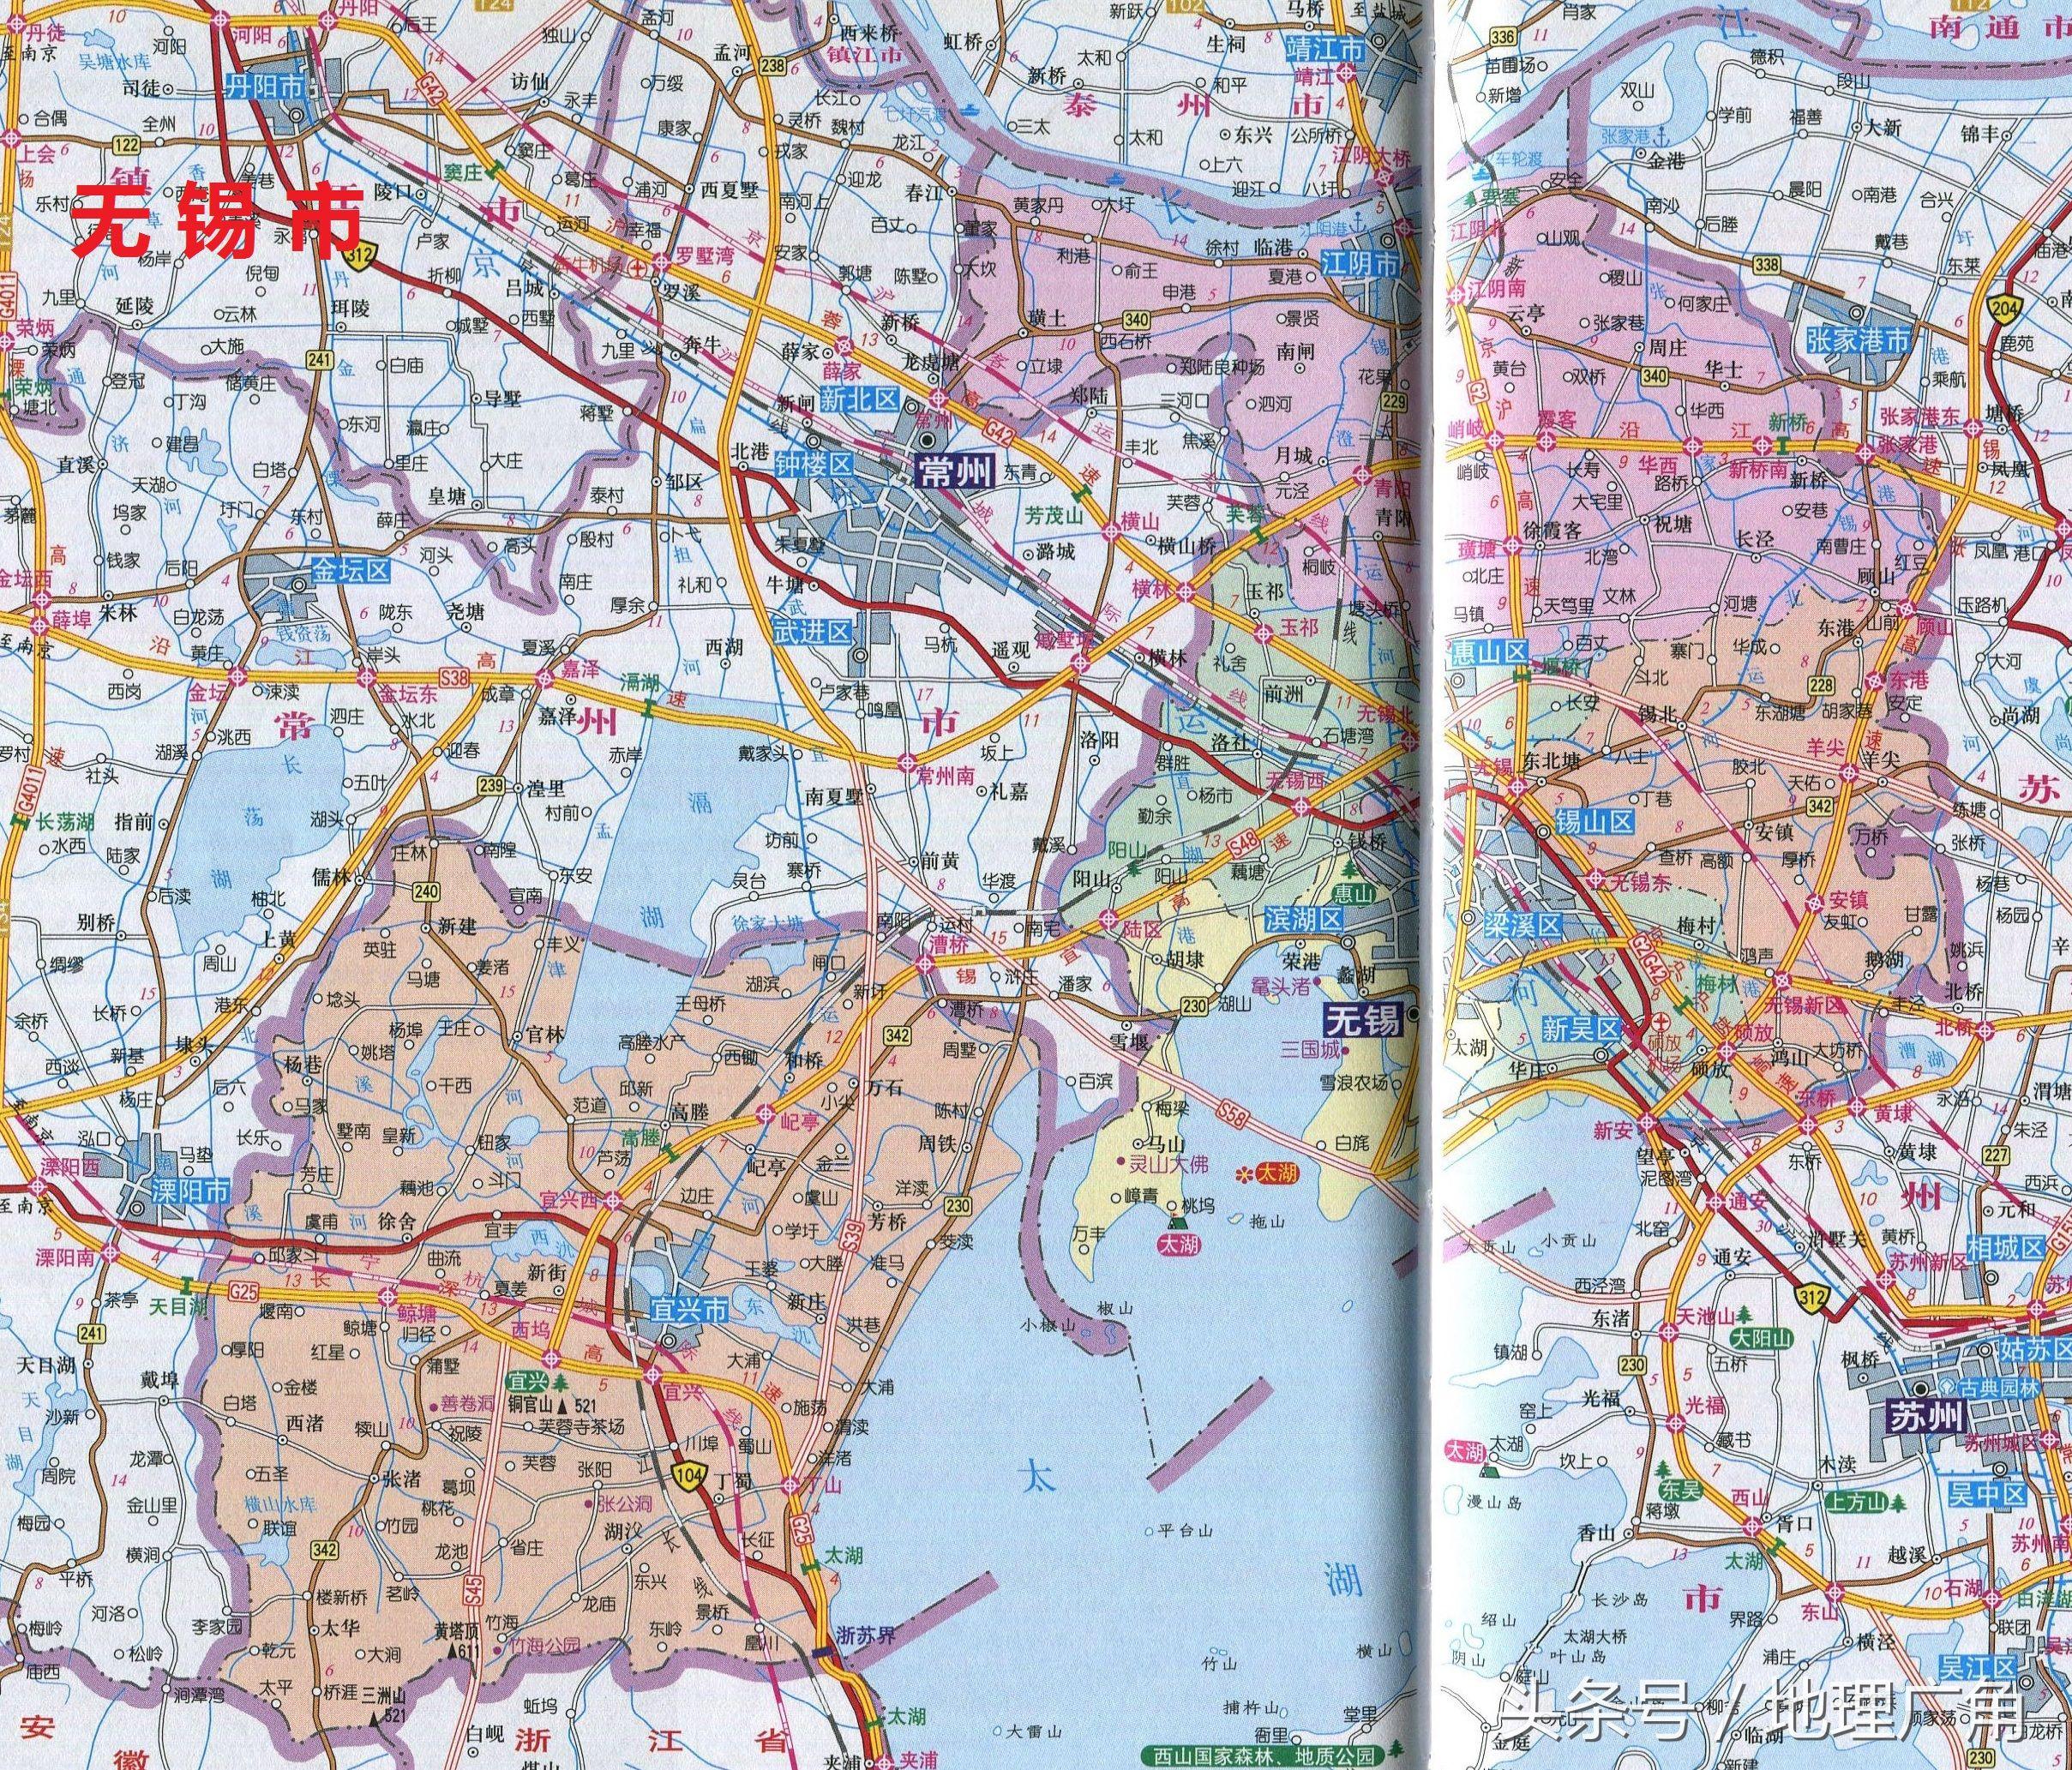 淘宝免费模板 > 江苏地图全图高清_江苏地图高清版大图片  江苏省无锡